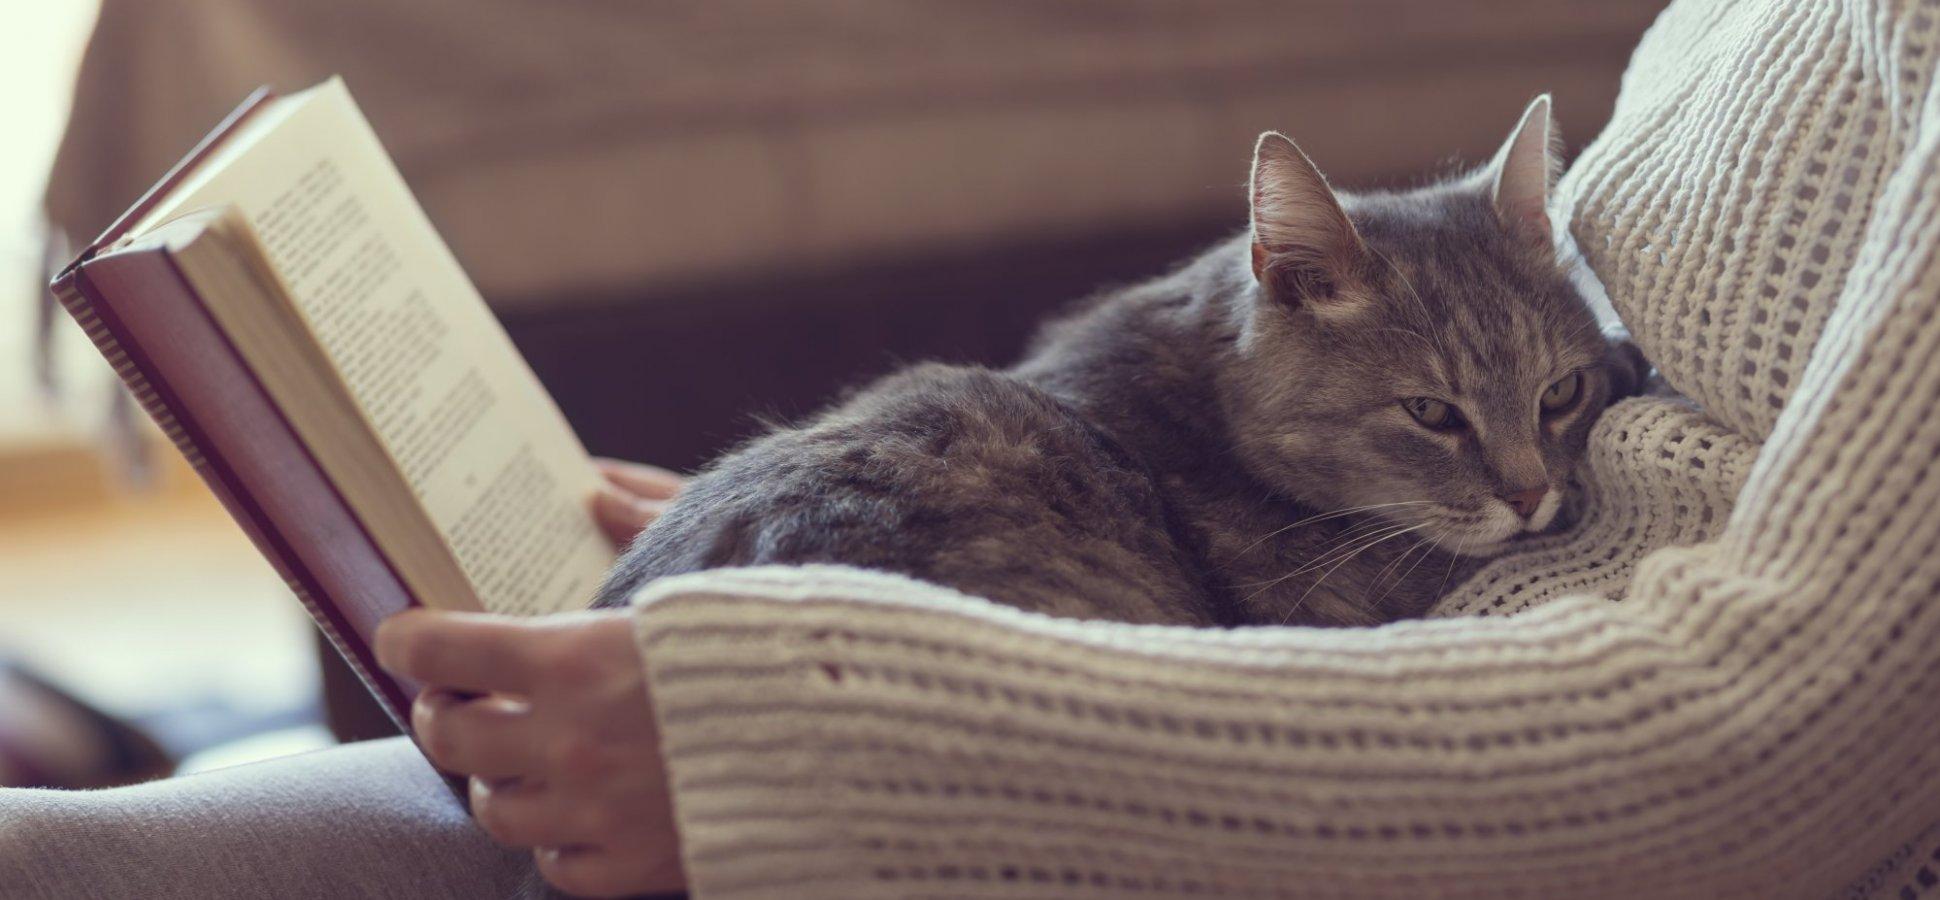 ۱۰ برتری کتاب دوستان بر دیگران